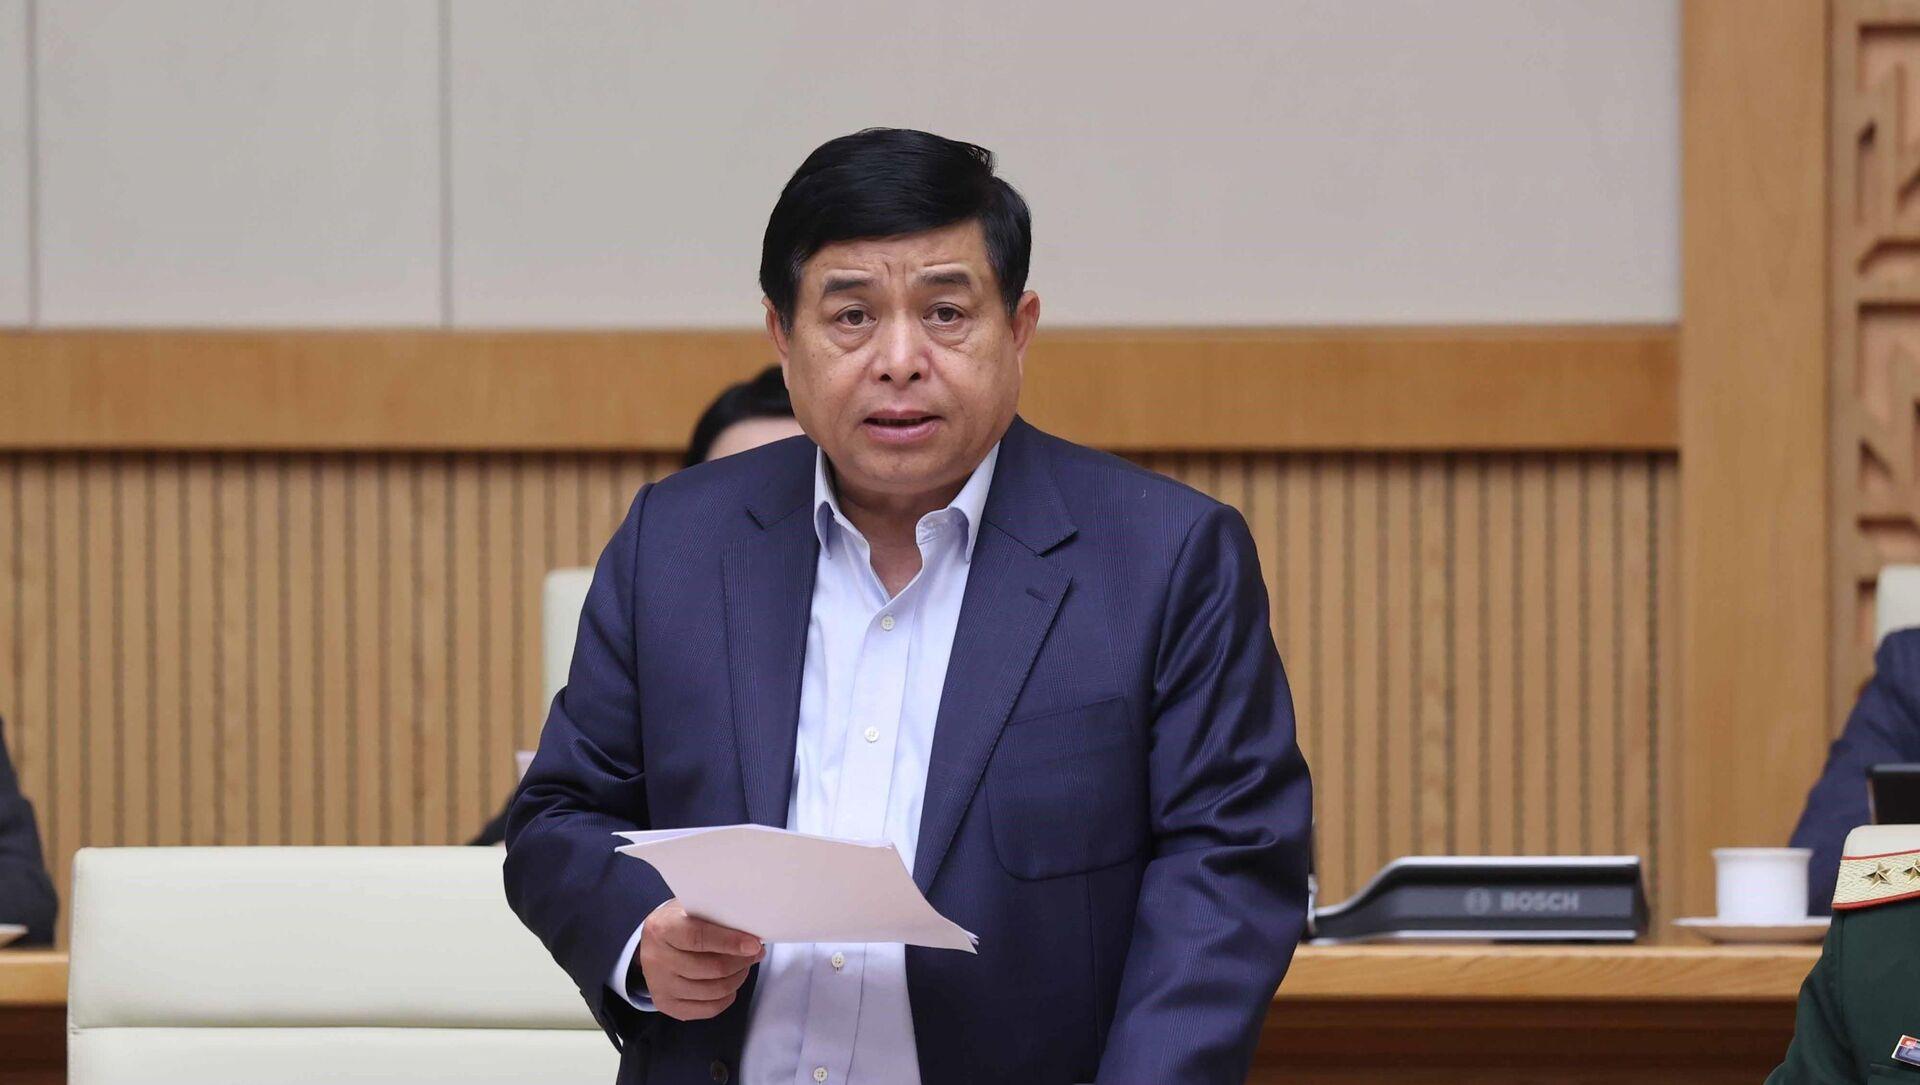 Bộ trưởng Bộ Kế hoạch và Đầu tư Nguyễn Chí Dũng phát biểu tại phiên họp. - Sputnik Việt Nam, 1920, 01.03.2021